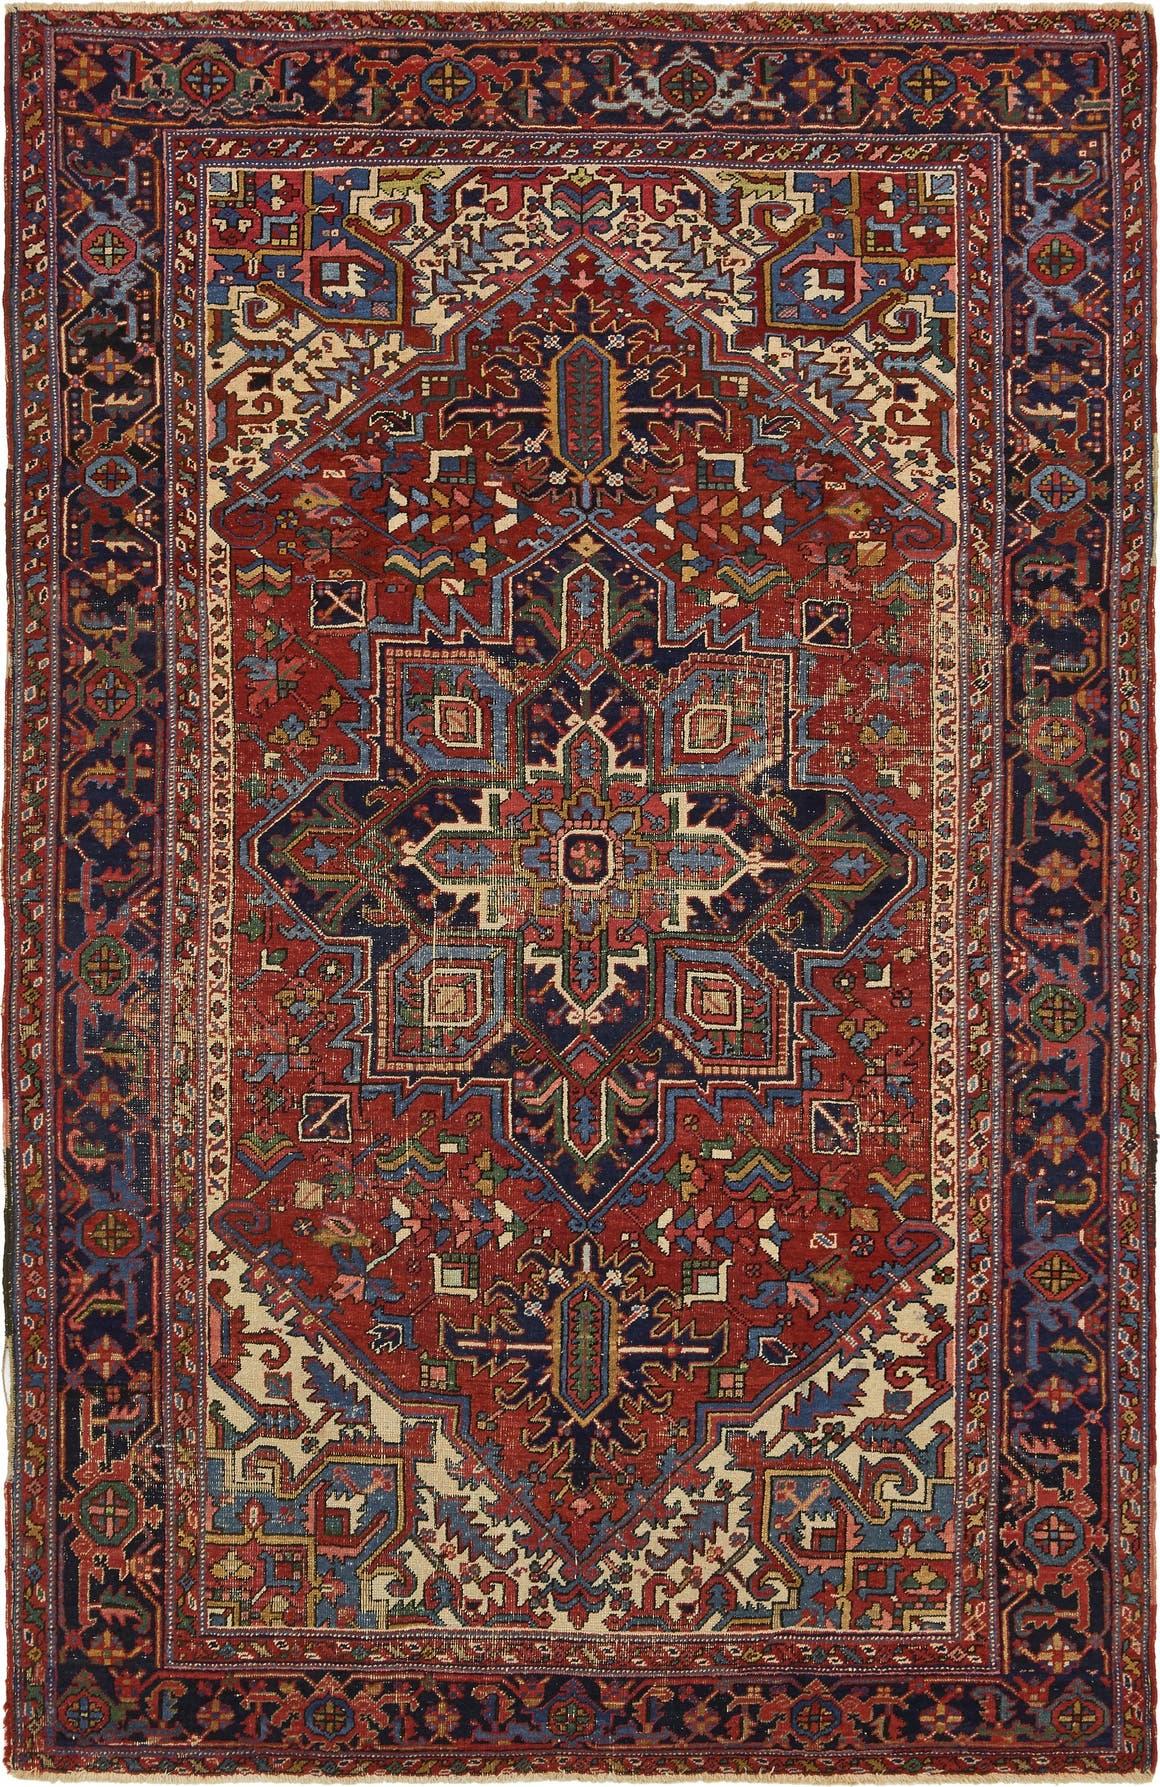 7' x 10' 8 Heriz Persian Rug main image